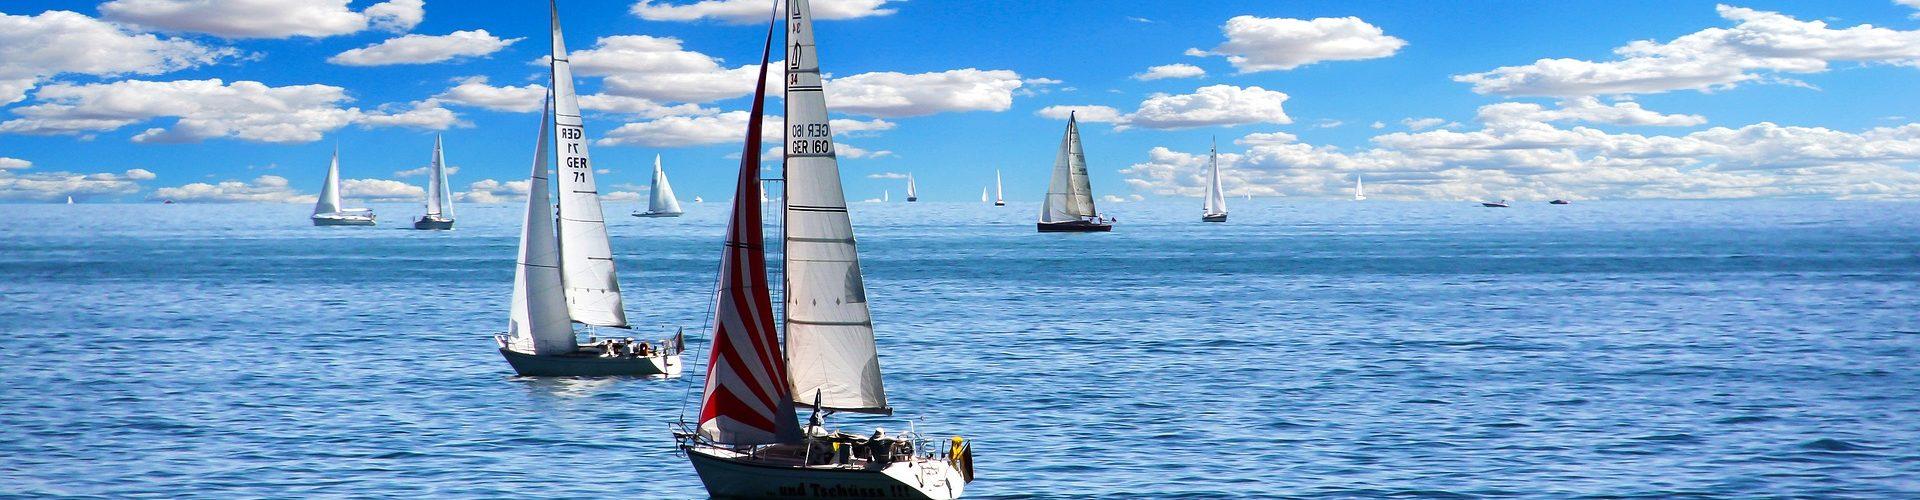 segeln lernen in Fehmarn segelschein machen in Fehmarn 1920x500 - Segeln lernen in Fehmarn